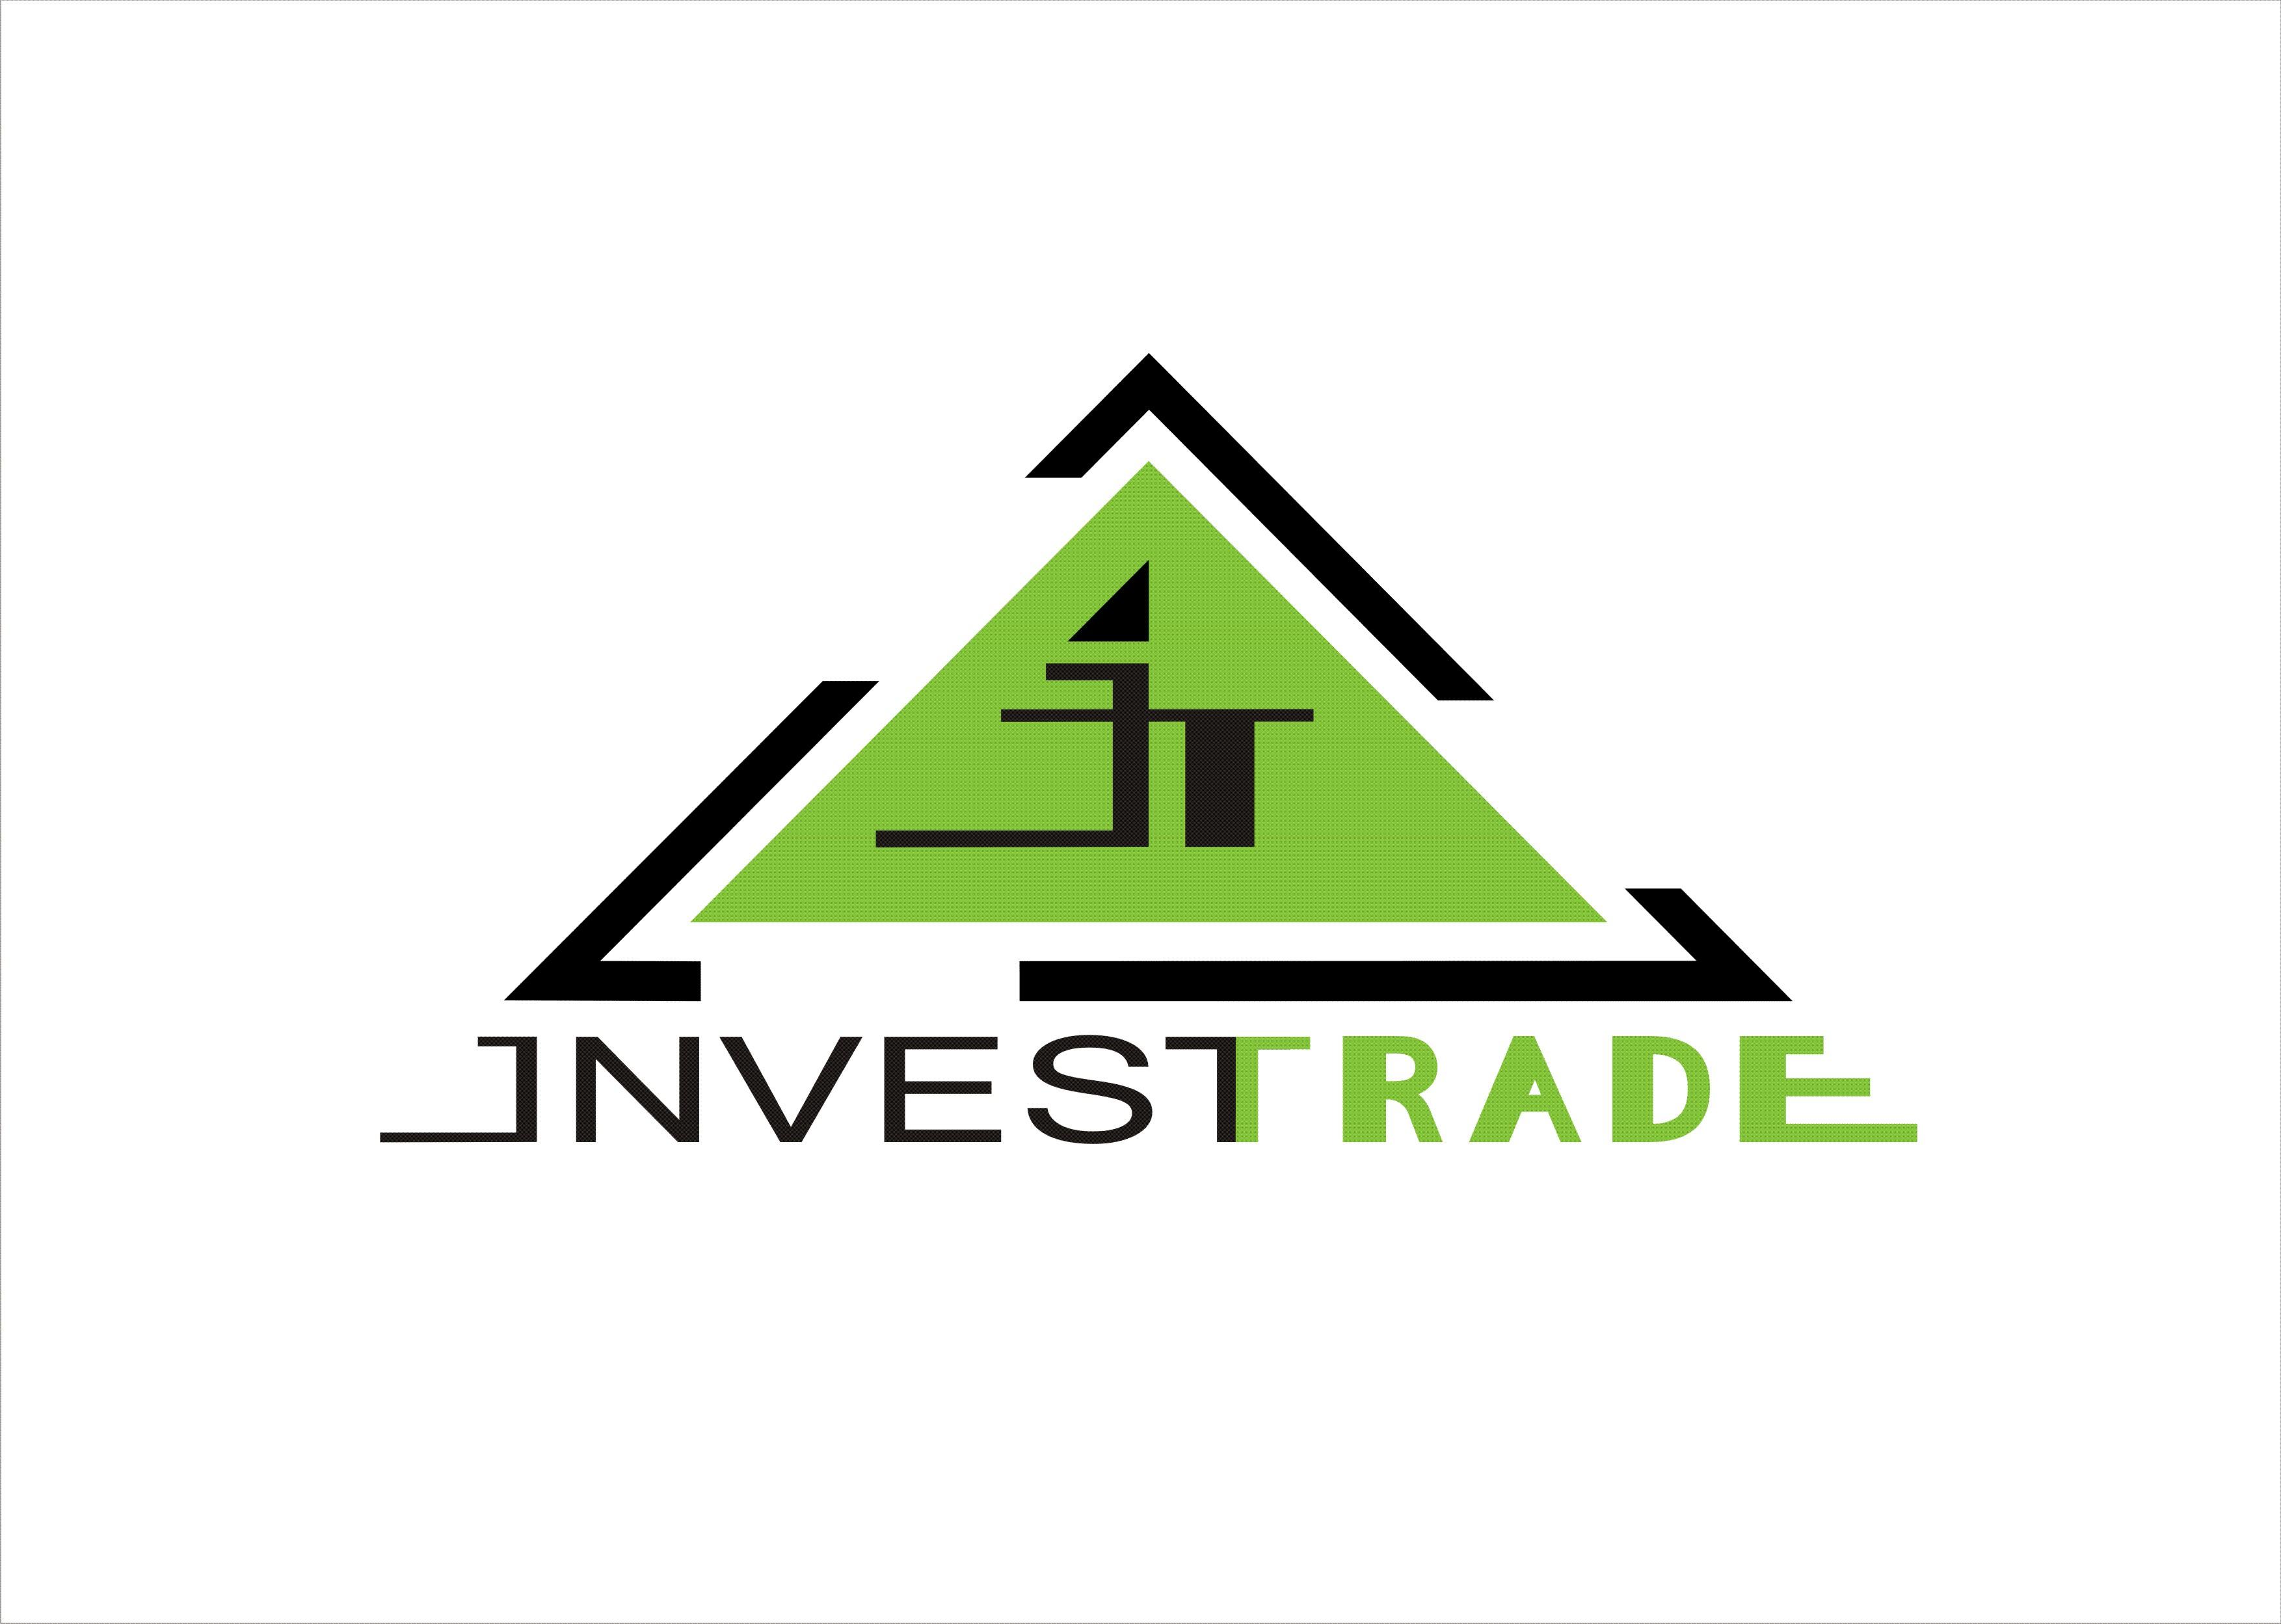 Разработка логотипа для компании Invest trade фото f_674512403e93e5f8.jpg